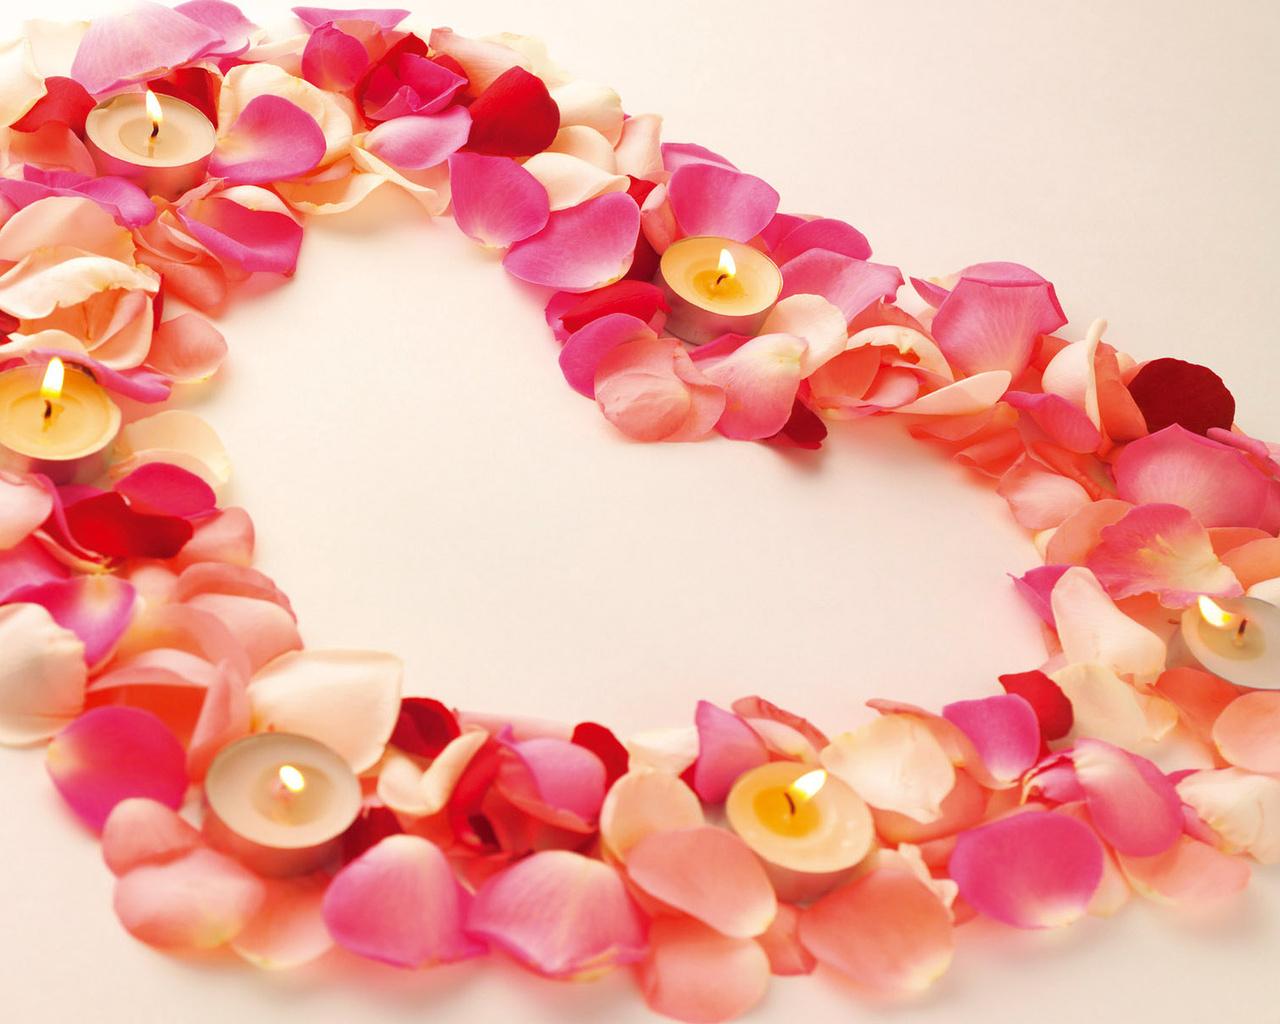 ٥ علامات تقول أنك شخصية رومانسية